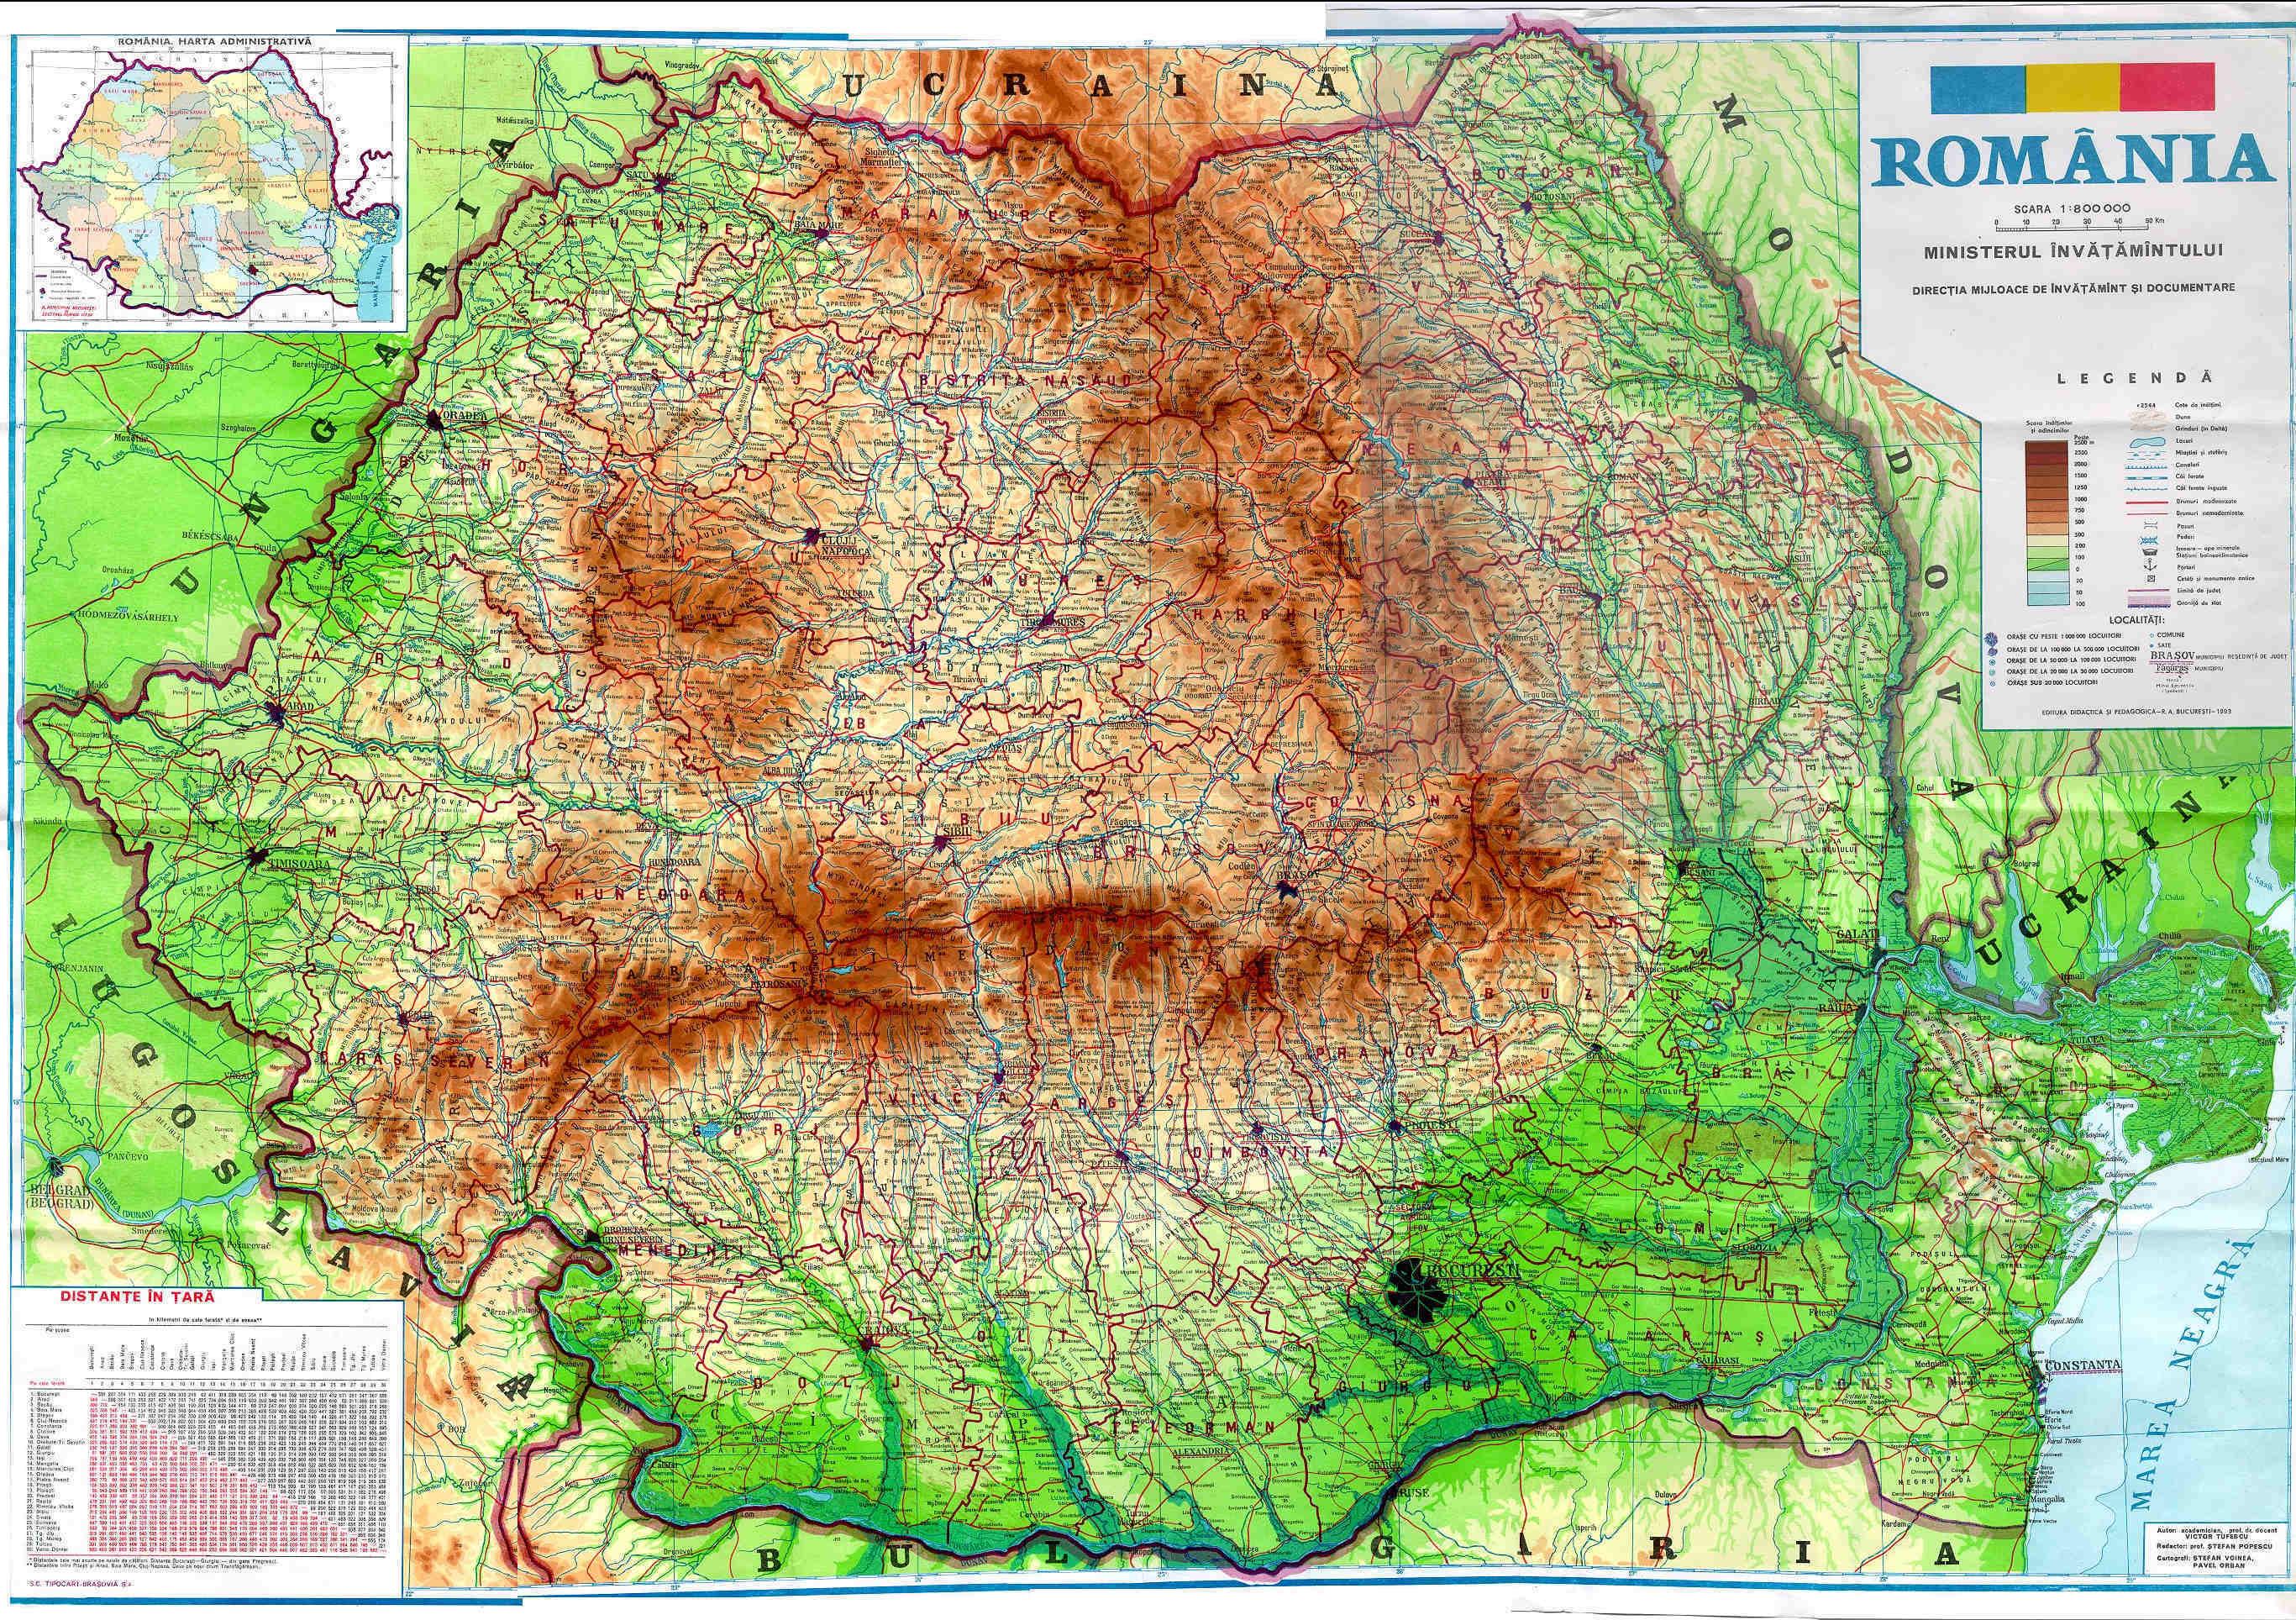 Vreau Poza Cu Harta Romaneasca Si Republica Moldova Harta Fizica